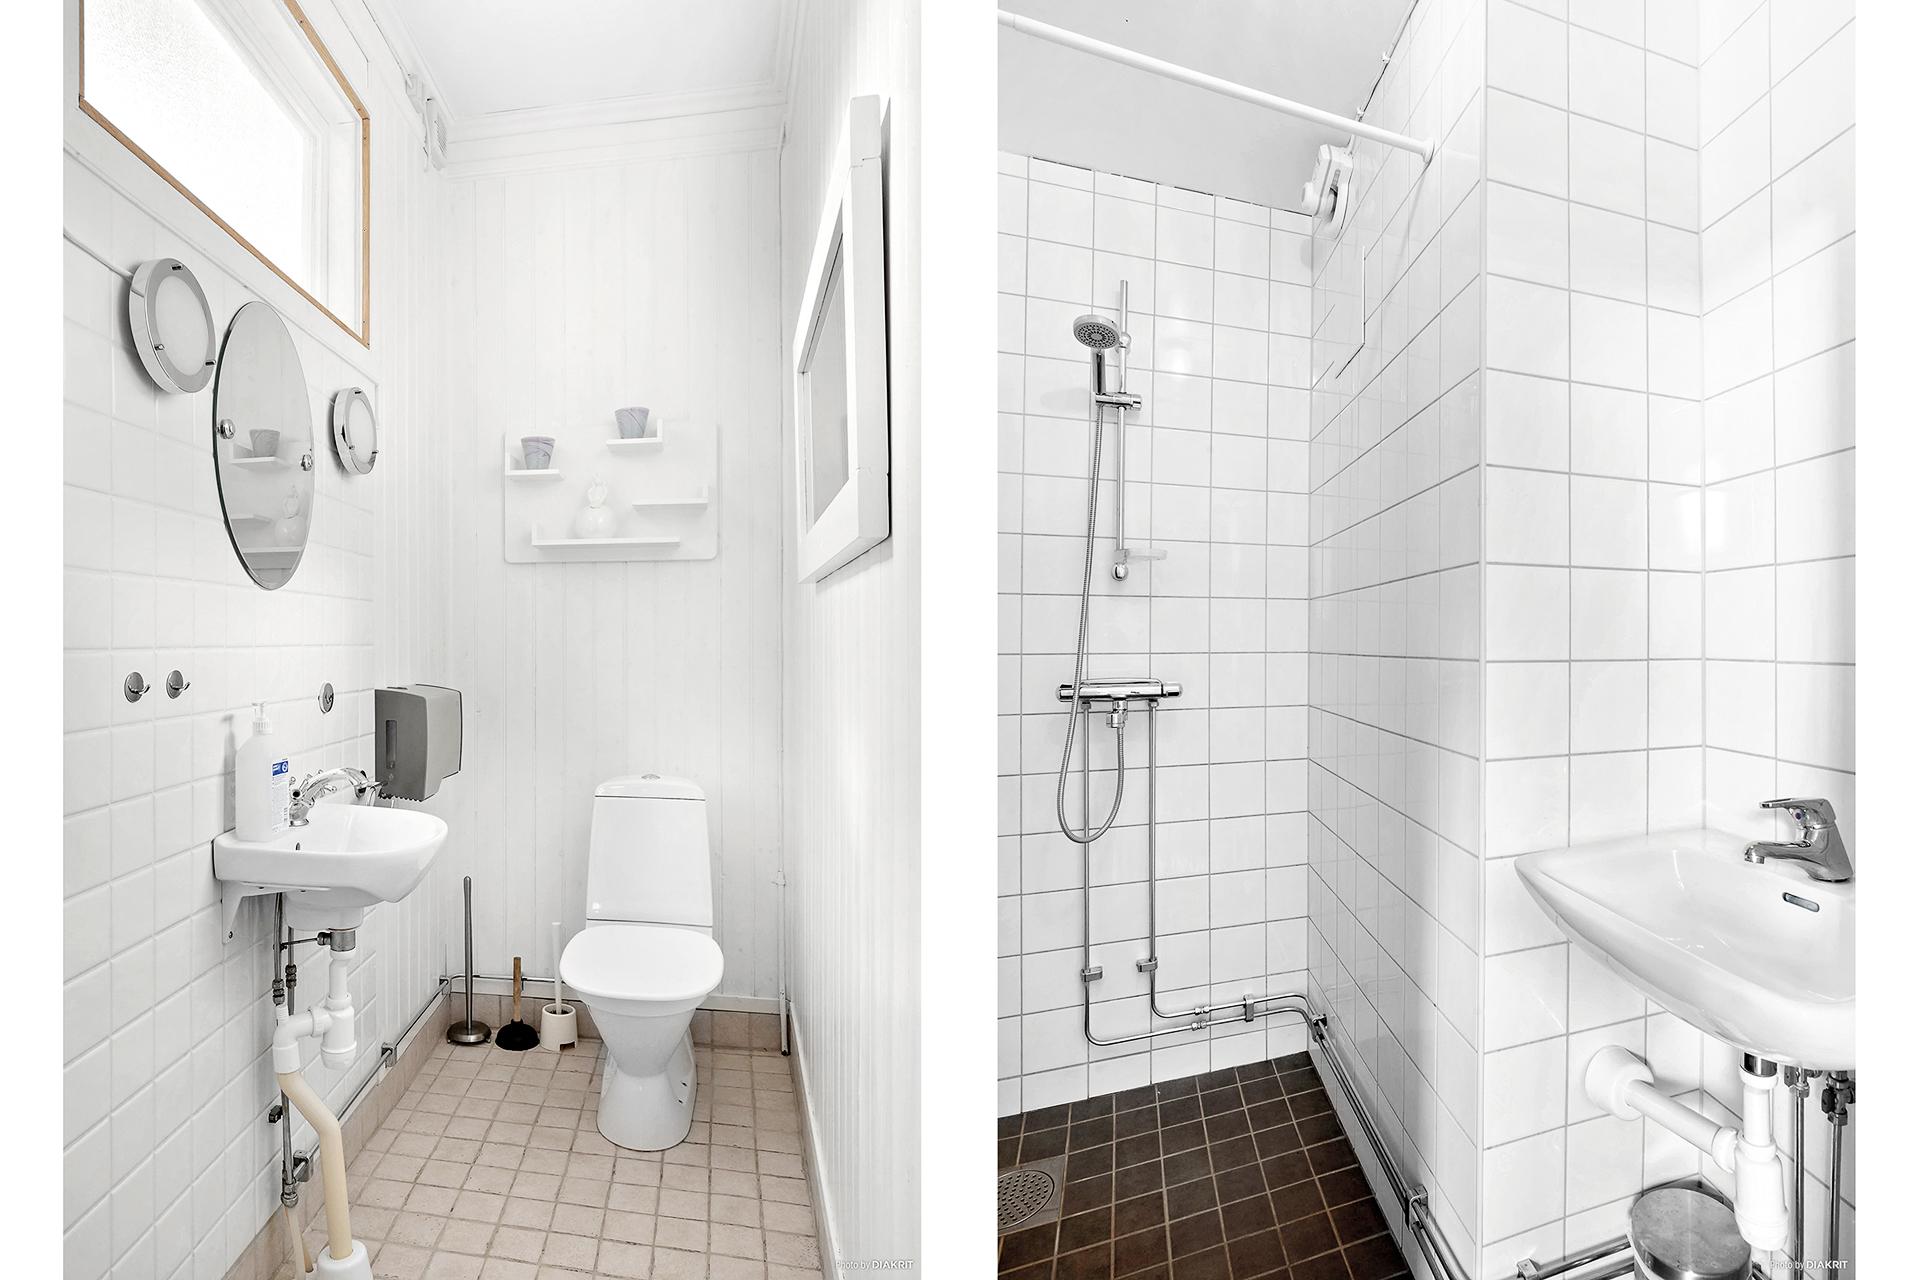 Toalett och duschrum